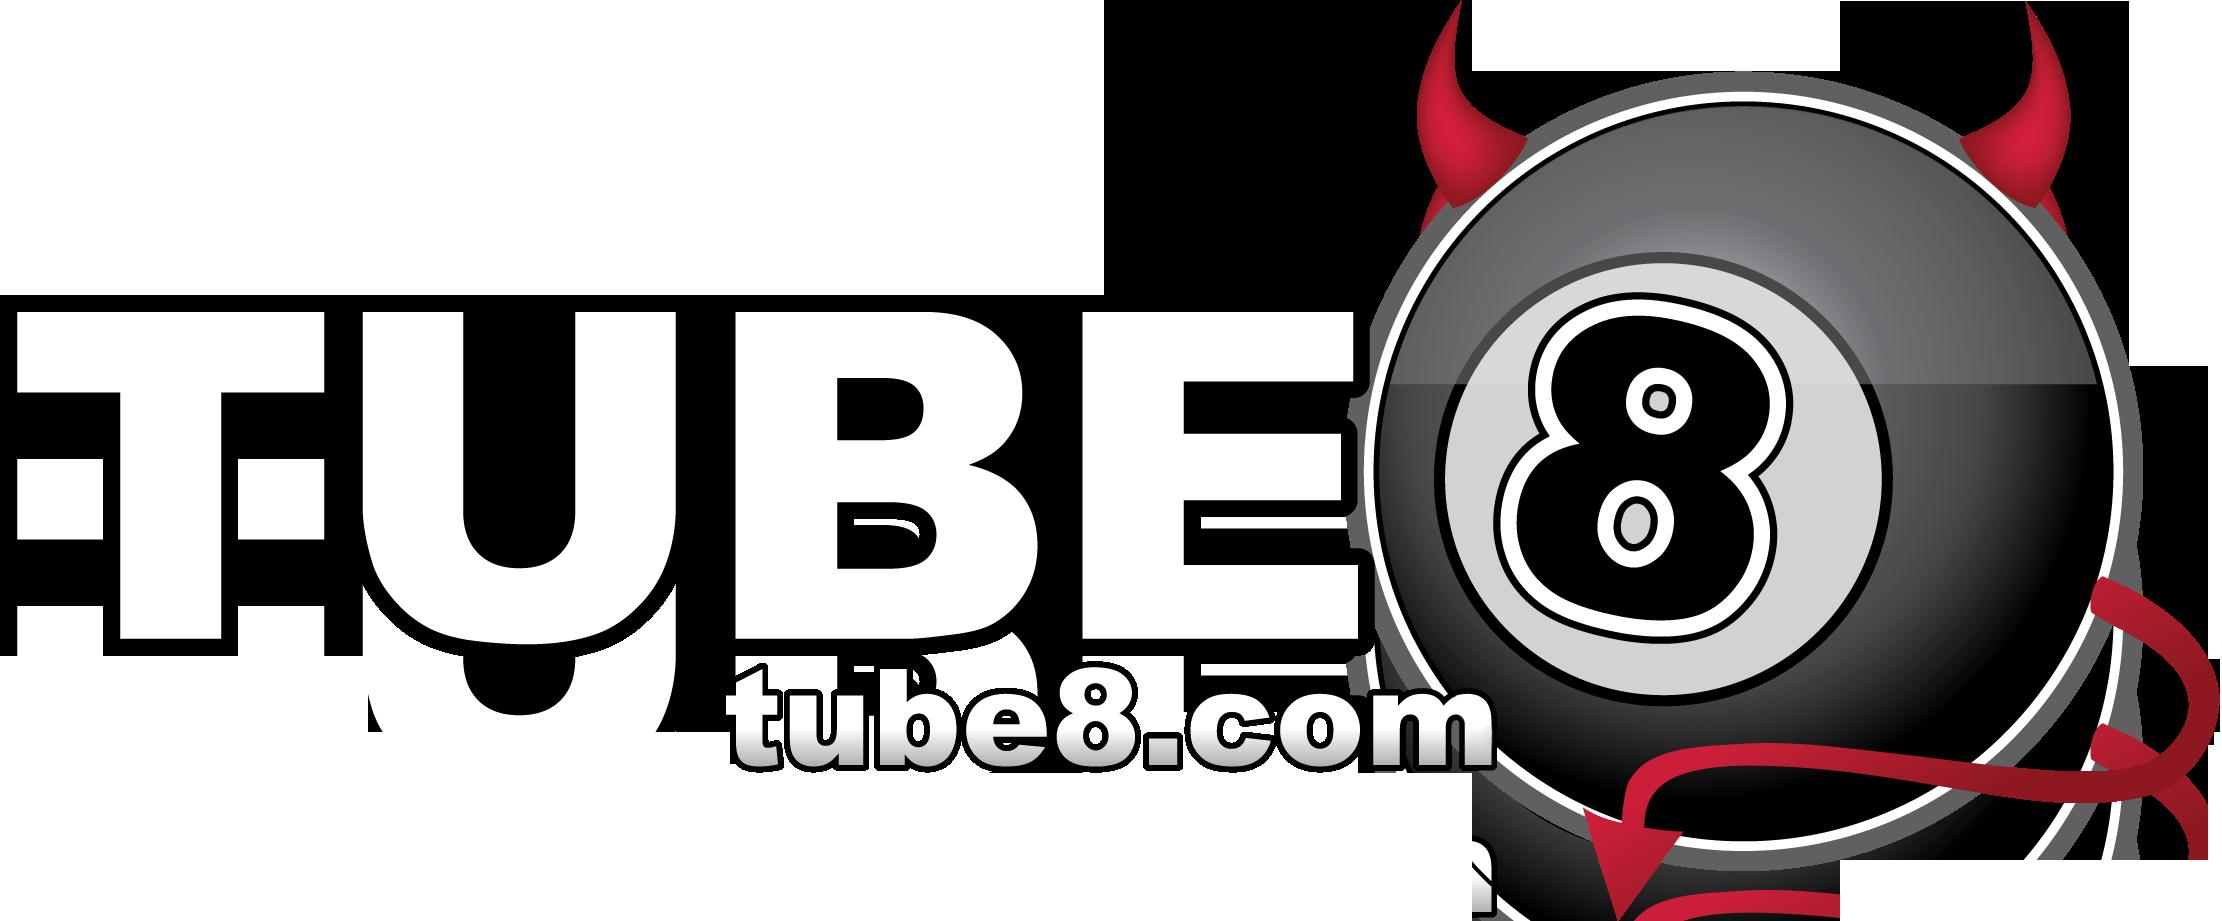 tube8.c om